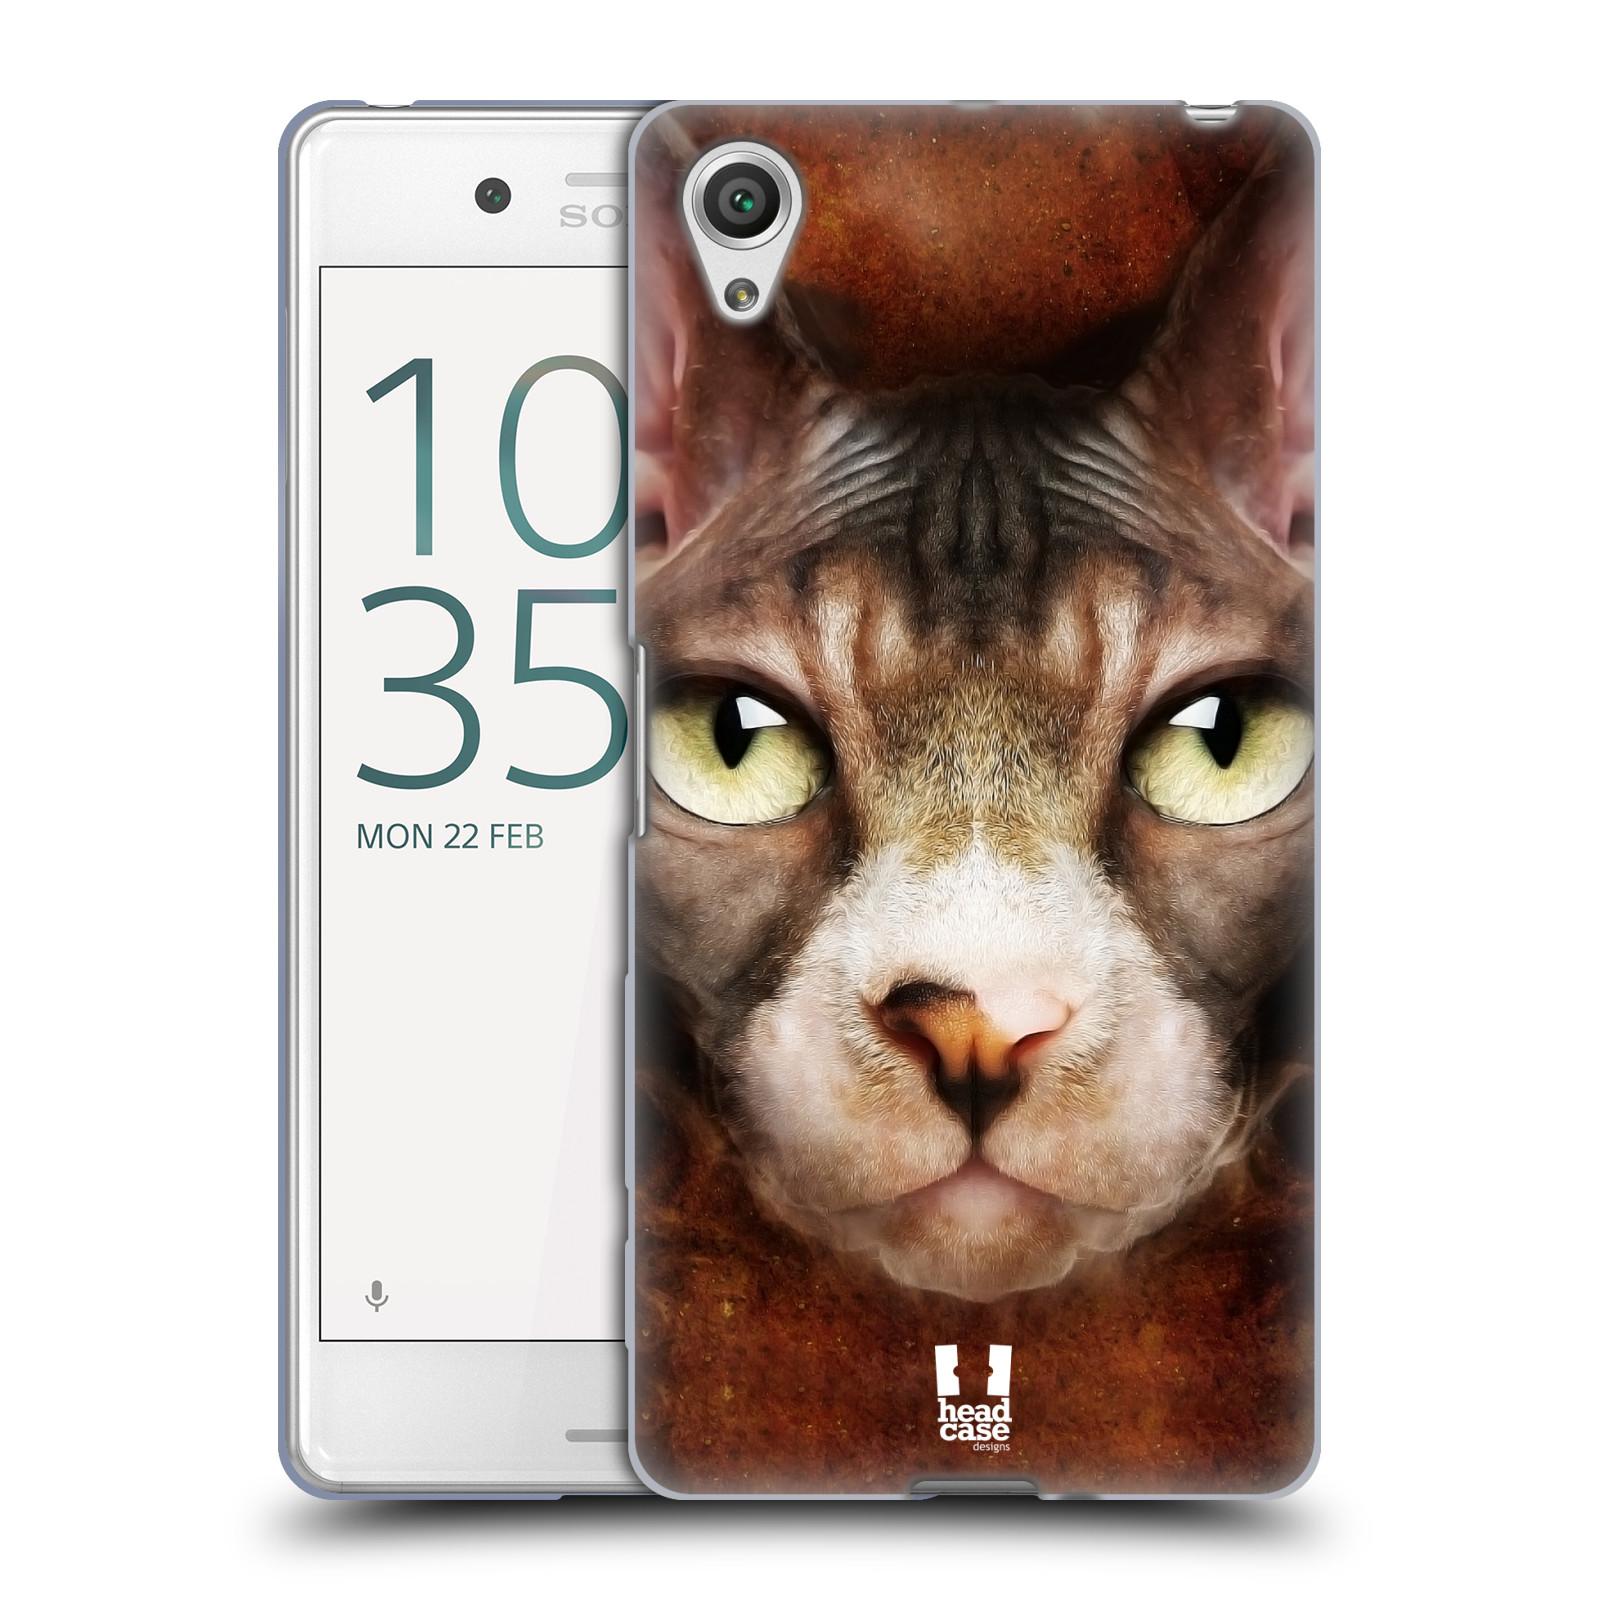 HEAD CASE silikonový obal na mobil Sony Xperia X PERFORMANCE (F8131, F8132) vzor Zvířecí tváře kočka sphynx